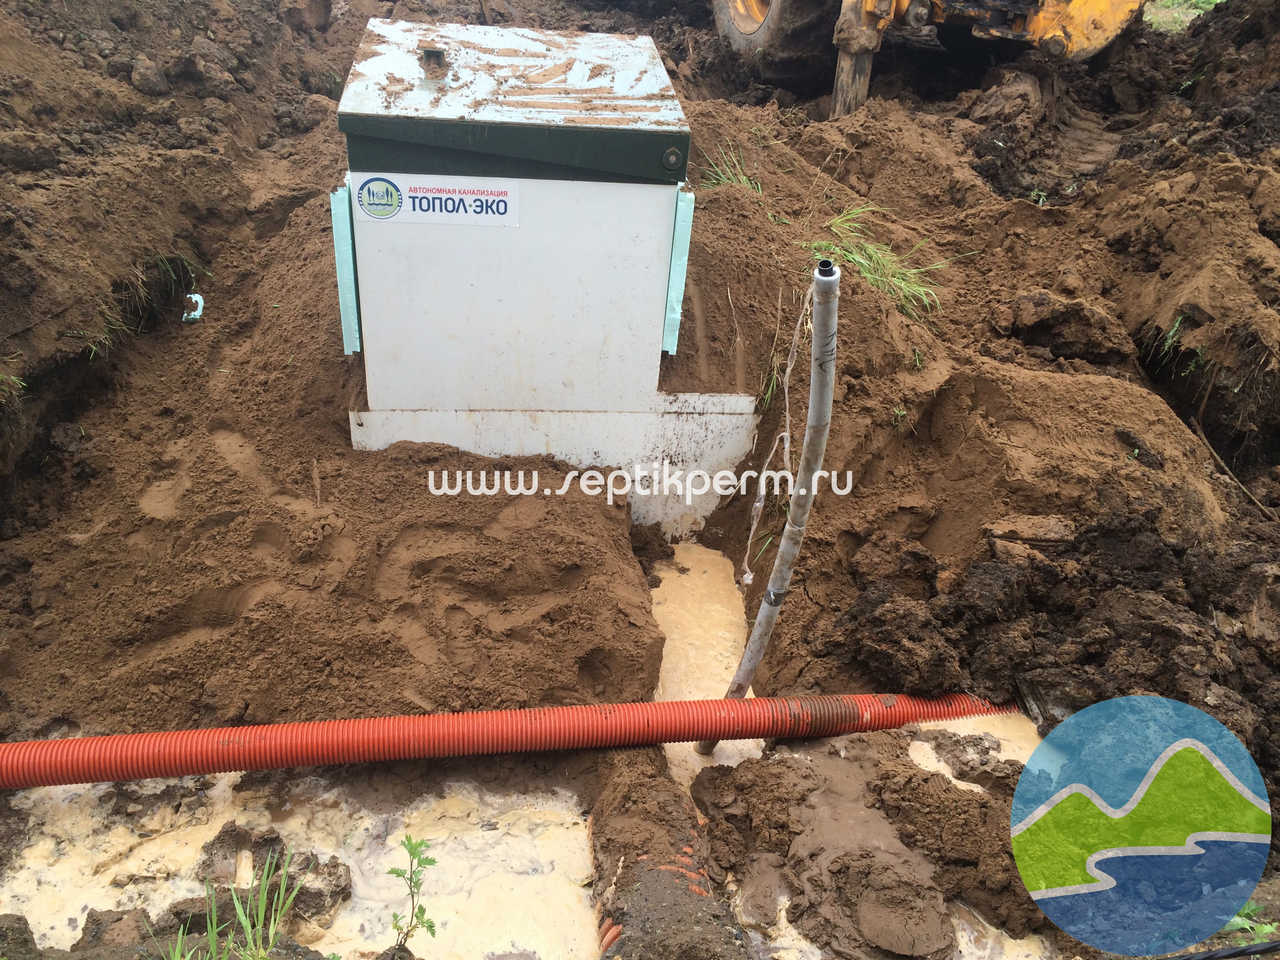 Автономная канализация Топас в Перми